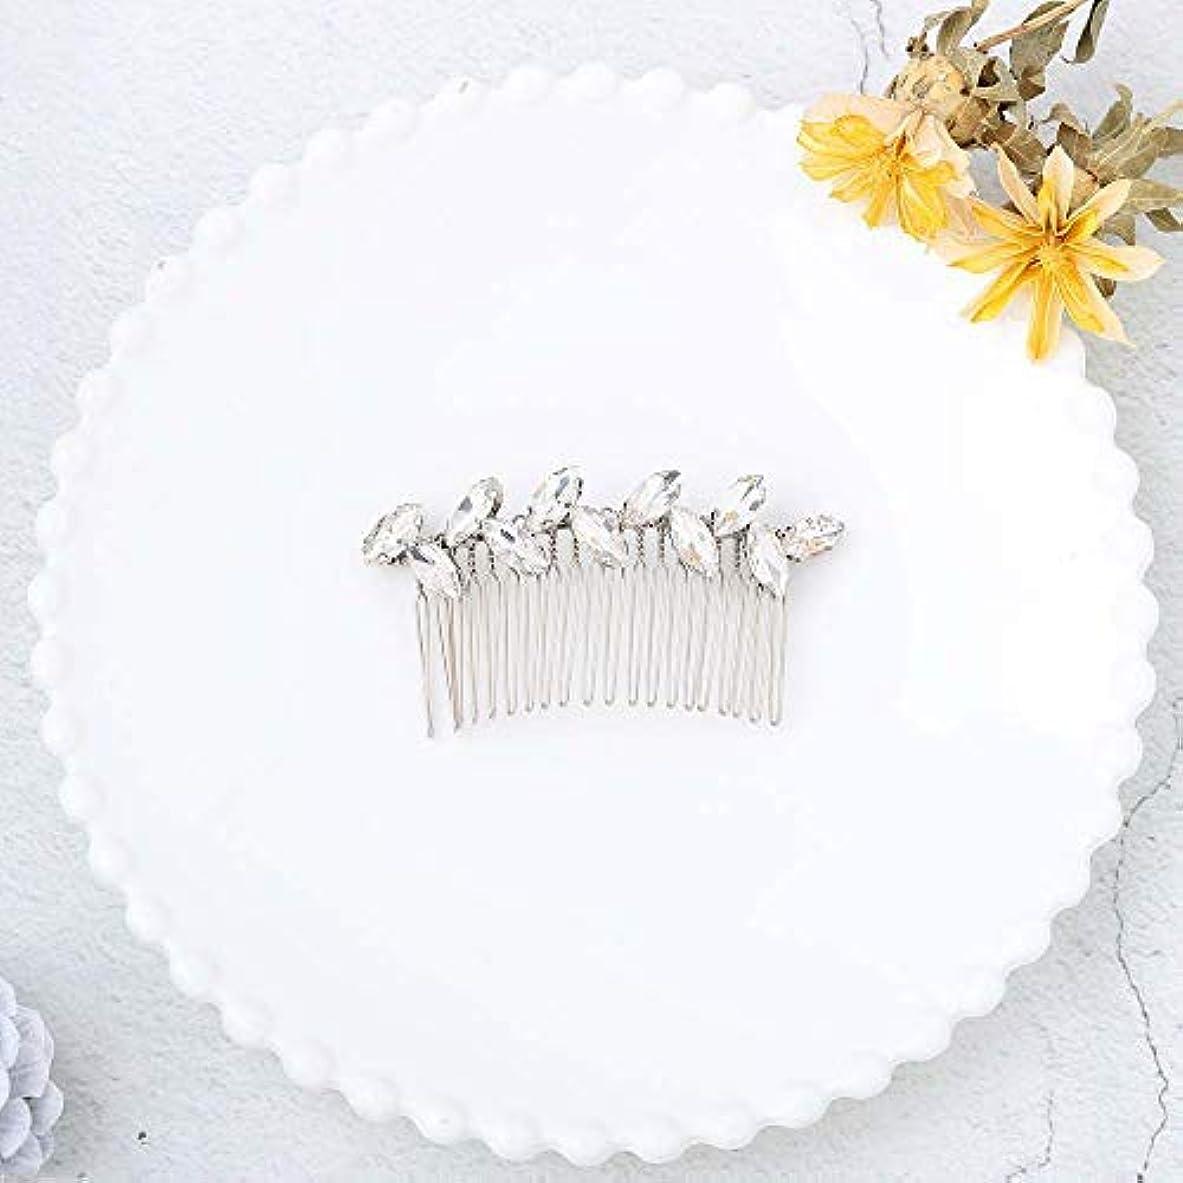 パイント飲料ファシズムJovono Bride Wedding Hair Comb Bridal Headpieces with White Rhinestone for Women and Girls (Silver) [並行輸入品]